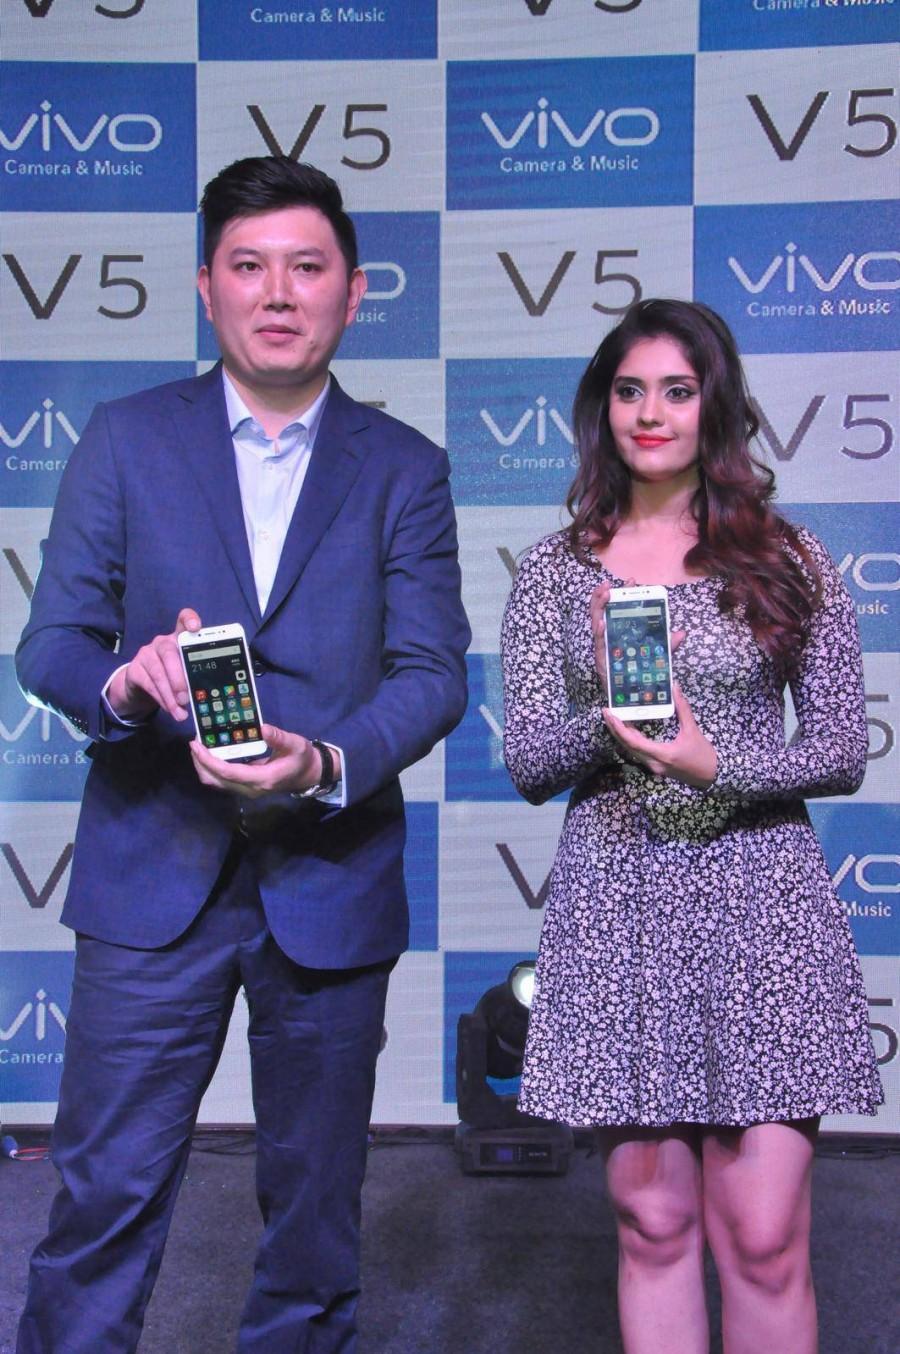 Surabhi and Pooja Sri,Surabhi,Pooja Sri,Vivo V5 Mobile Launch,Vivo V5 Mobile,Vivo V5,Vivo V5 Mobile Launch pics,Vivo V5 Mobile Launch images,Vivo V5 Mobile Launch photos,Vivo V5 Mobile Launch stills,Vivo V5 Mobile Launch pictures